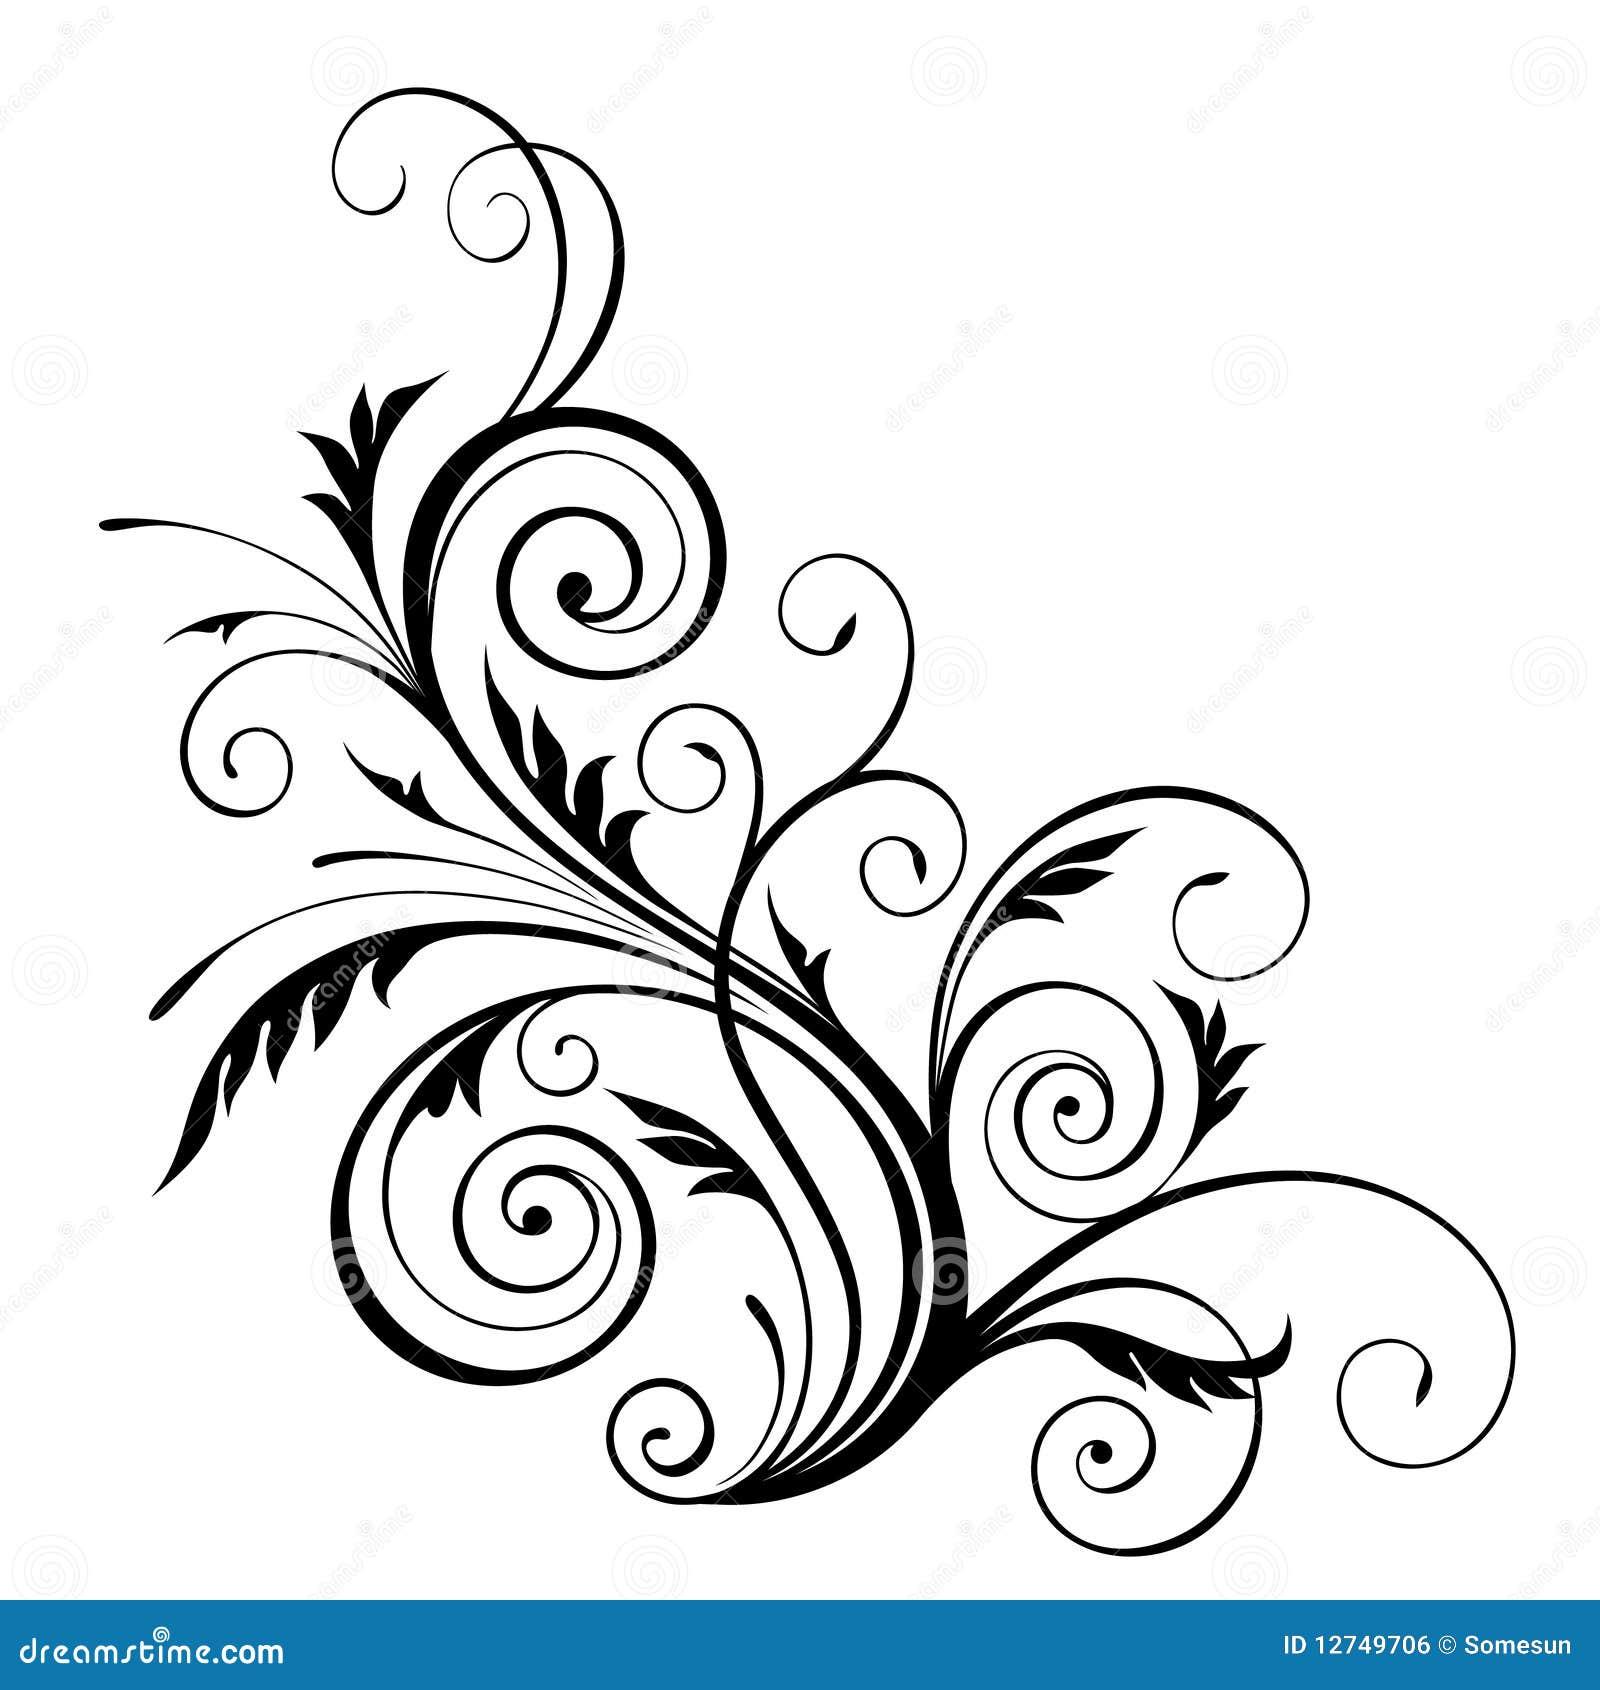 vector floral design element stock vector illustration damask frame clipart clipart damask pattern